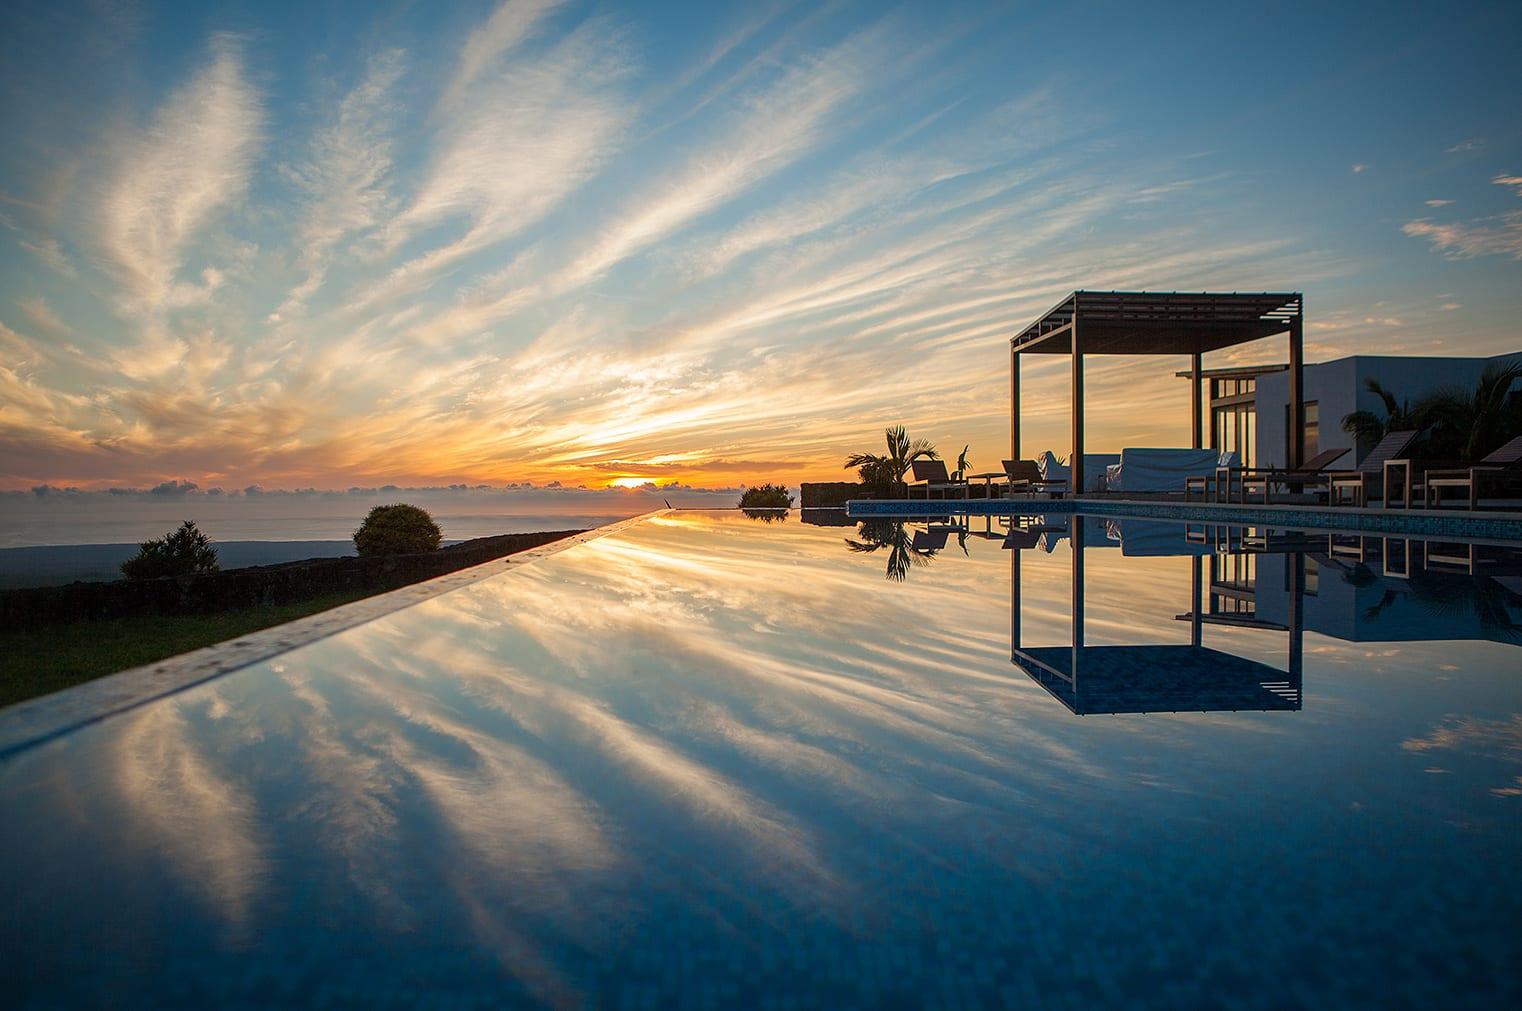 galapagos, pool, sunset, resort